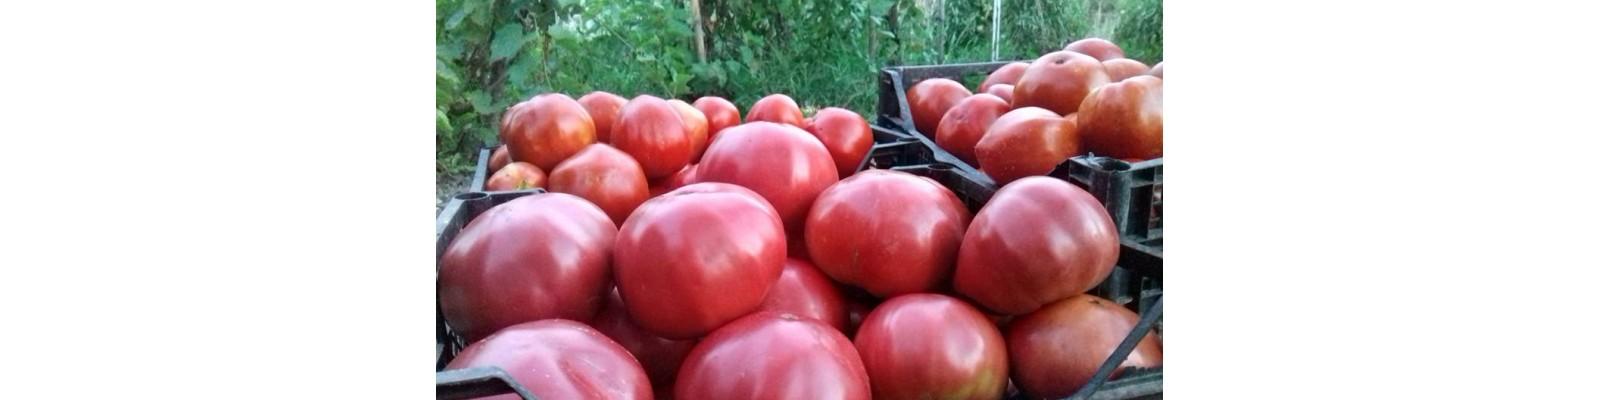 Cultura de tomate Rozov Blyan – Guest-Post de Traian Voinea